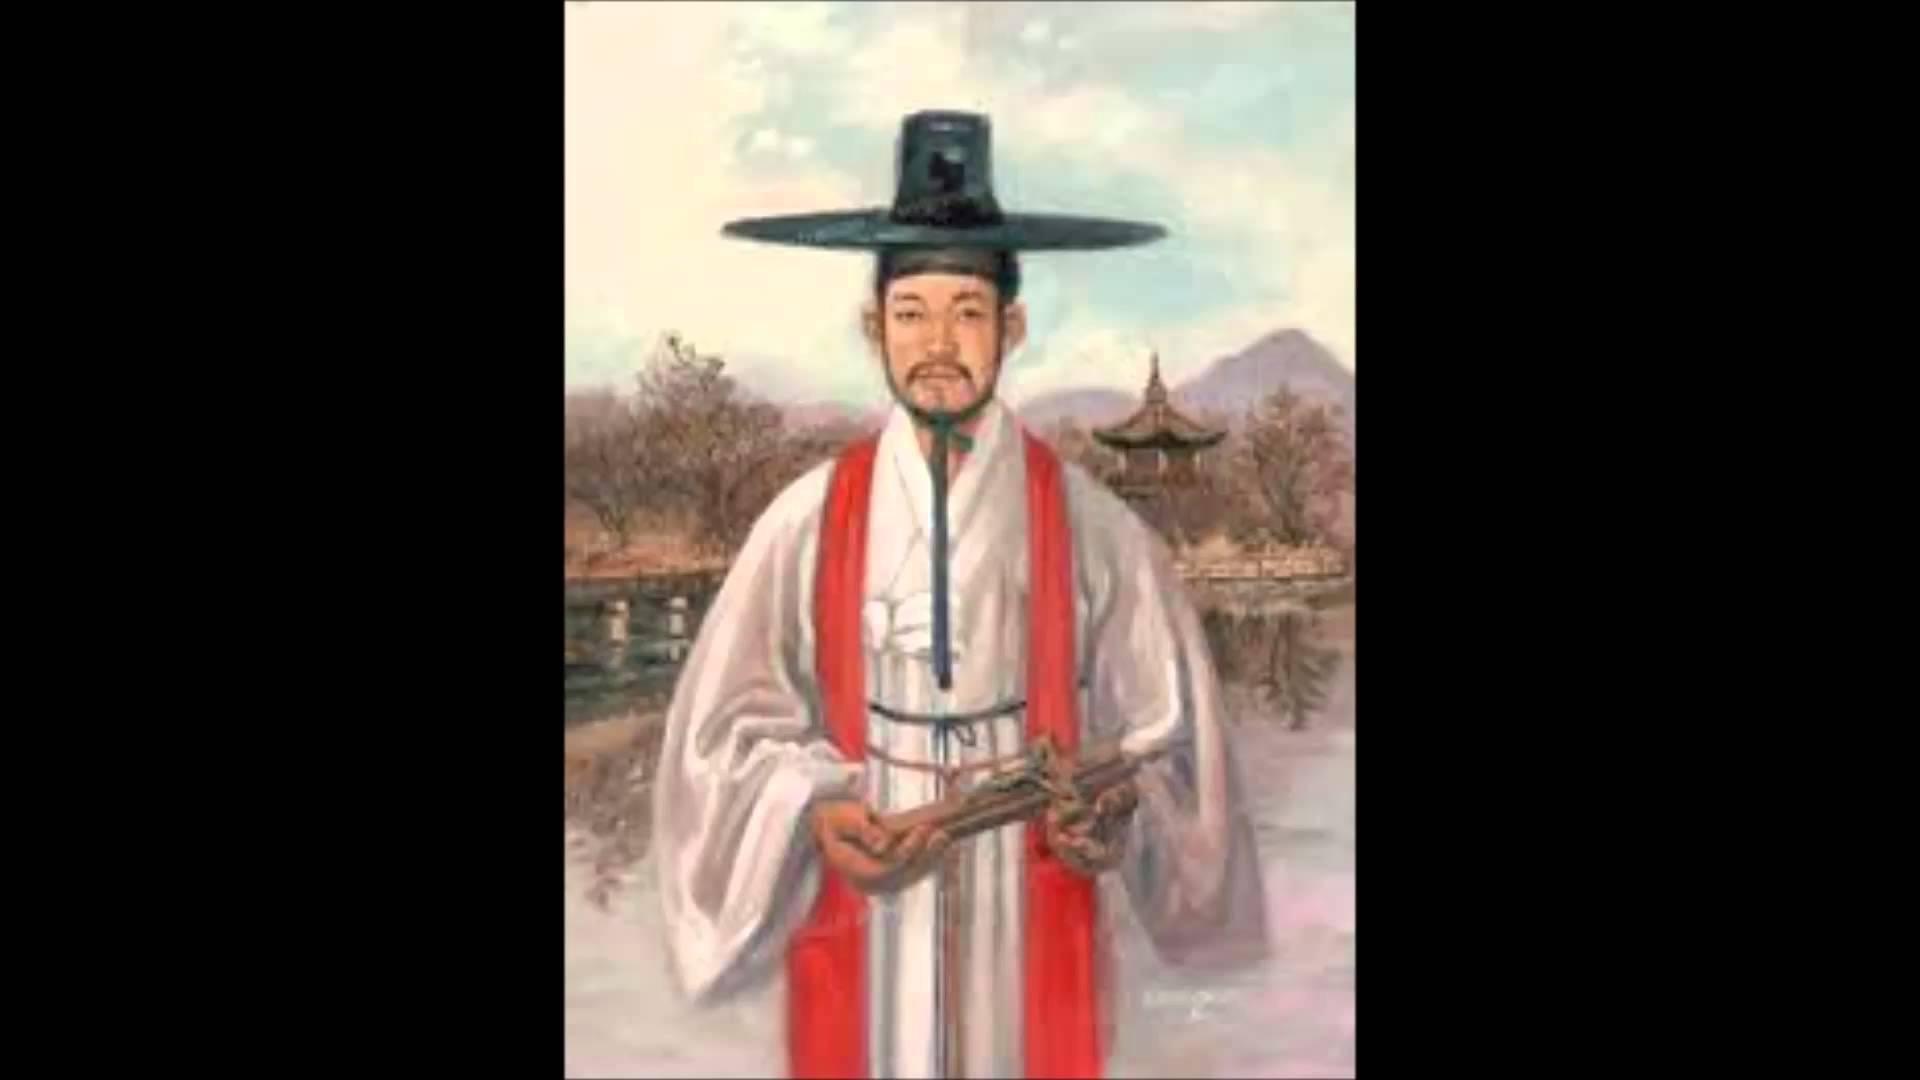 Missa em coreano e um santo de apelido Kim são cartão-de-visita de paróquia em Macau